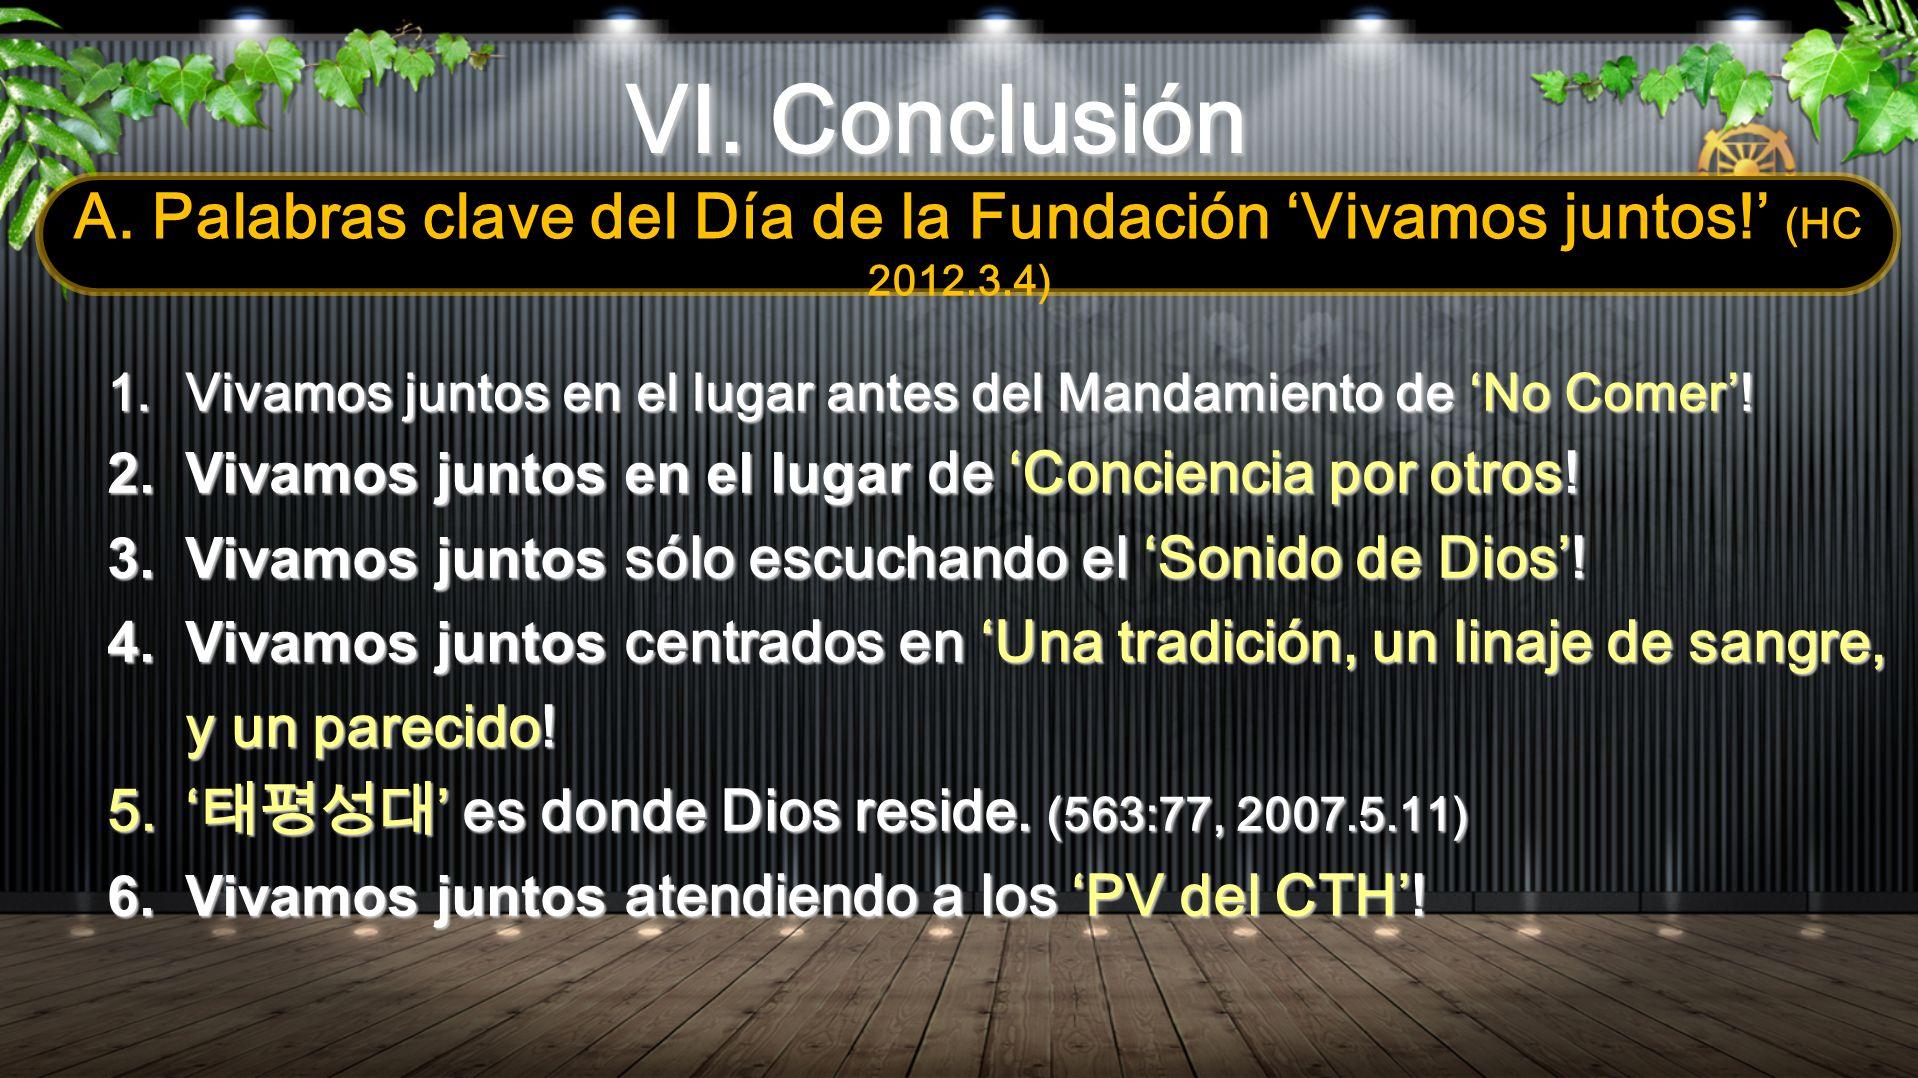 VI. Conclusión A. Palabras clave del Día de la Fundación 'Vivamos juntos!' (HC 2012.3.4)